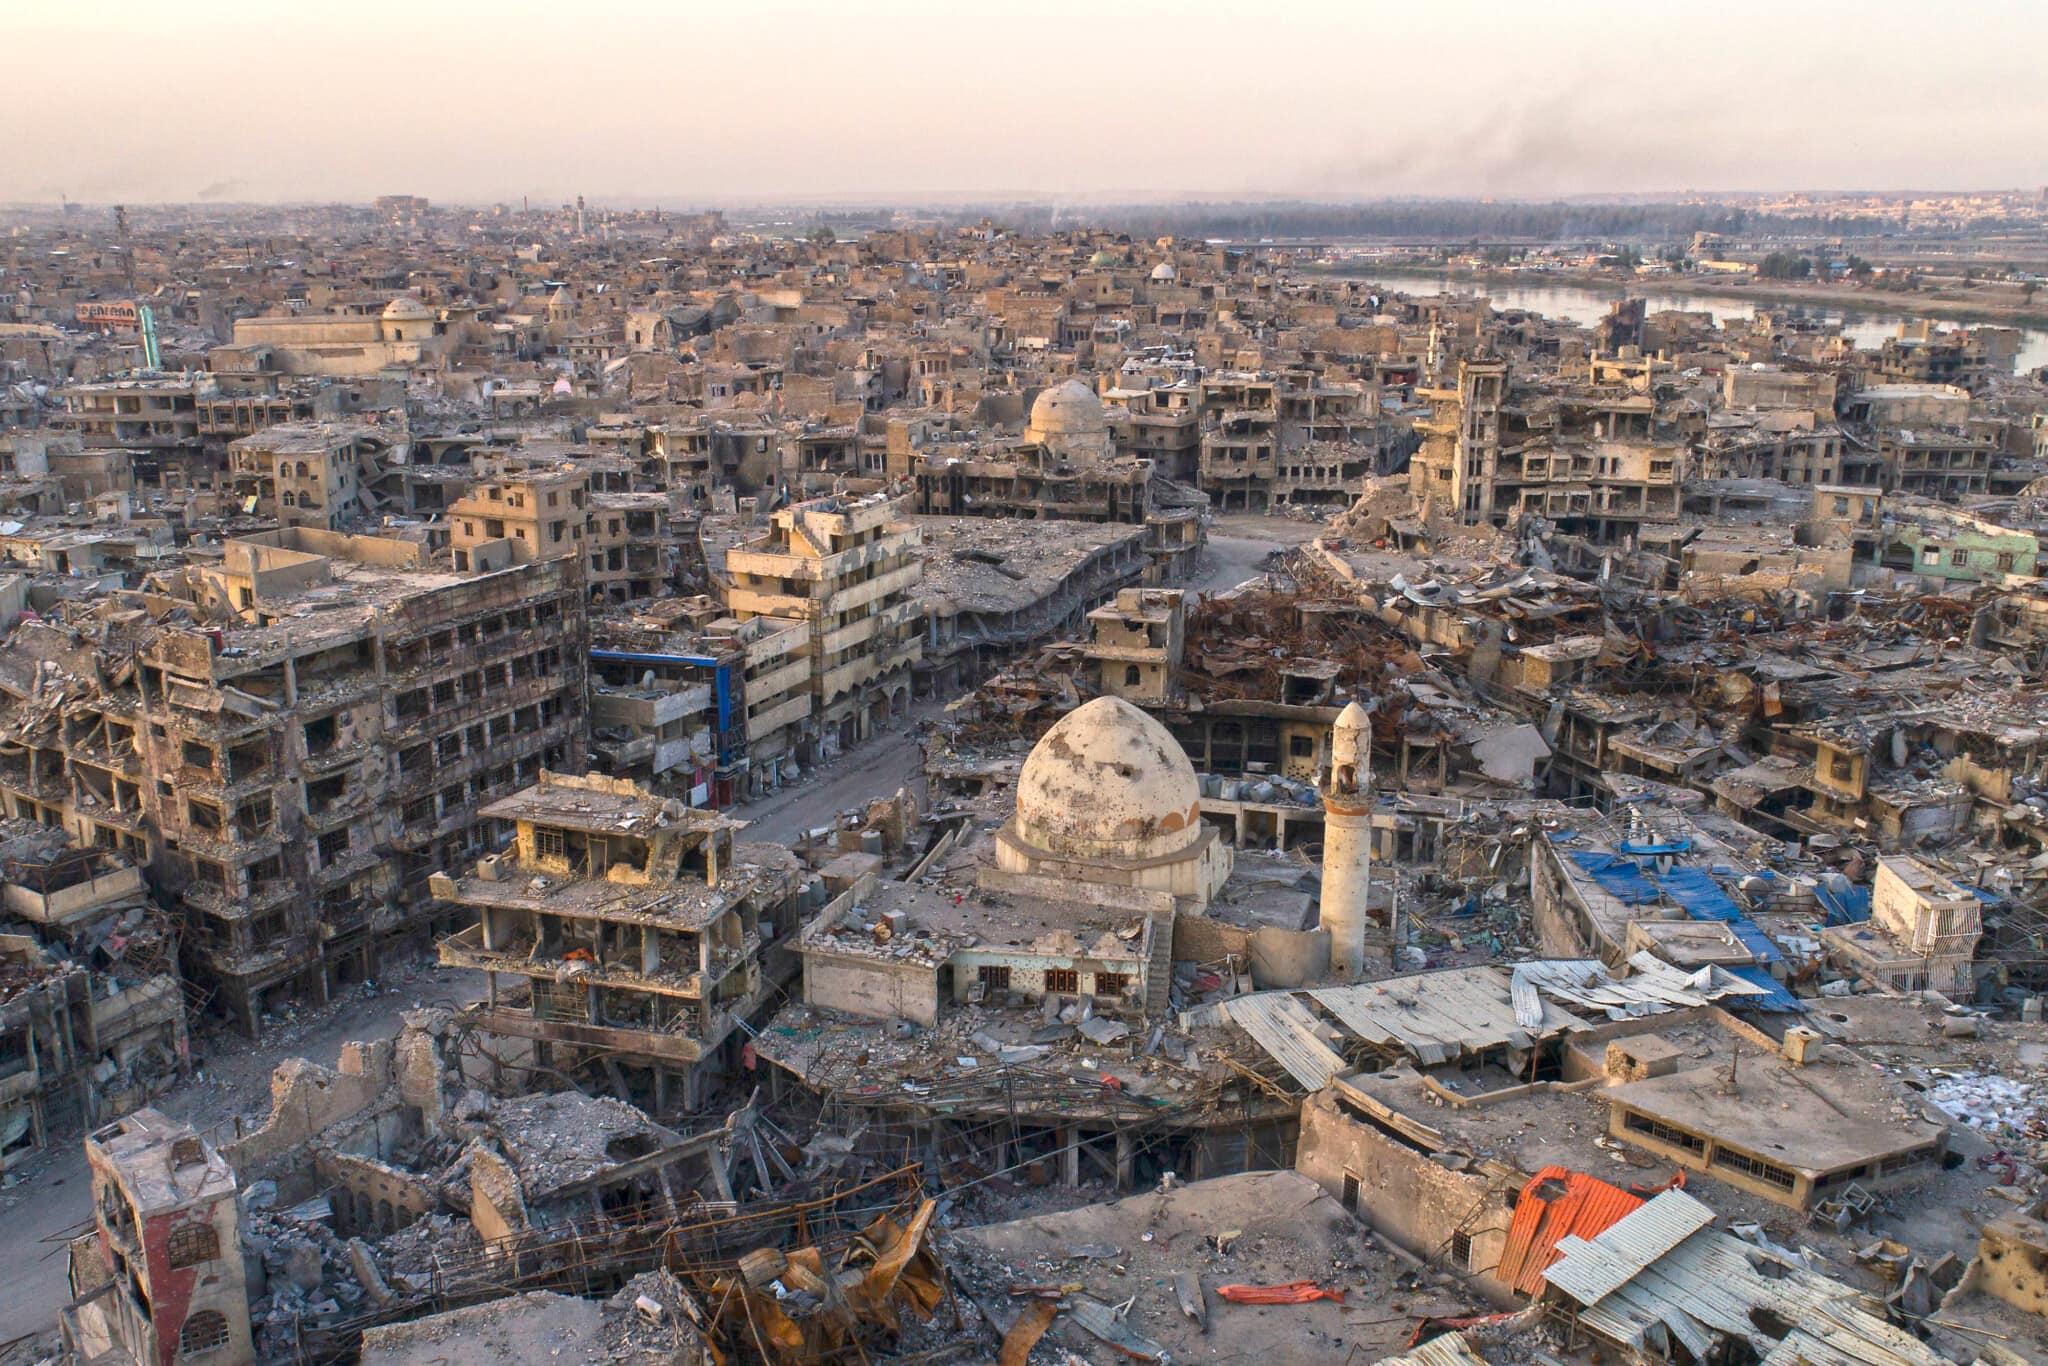 מבט-על על העיר ההרוסה מוסול שבעיראק, ב-15 בנובמבר 2017 (צילום: AP Photo/Felipe Dana)